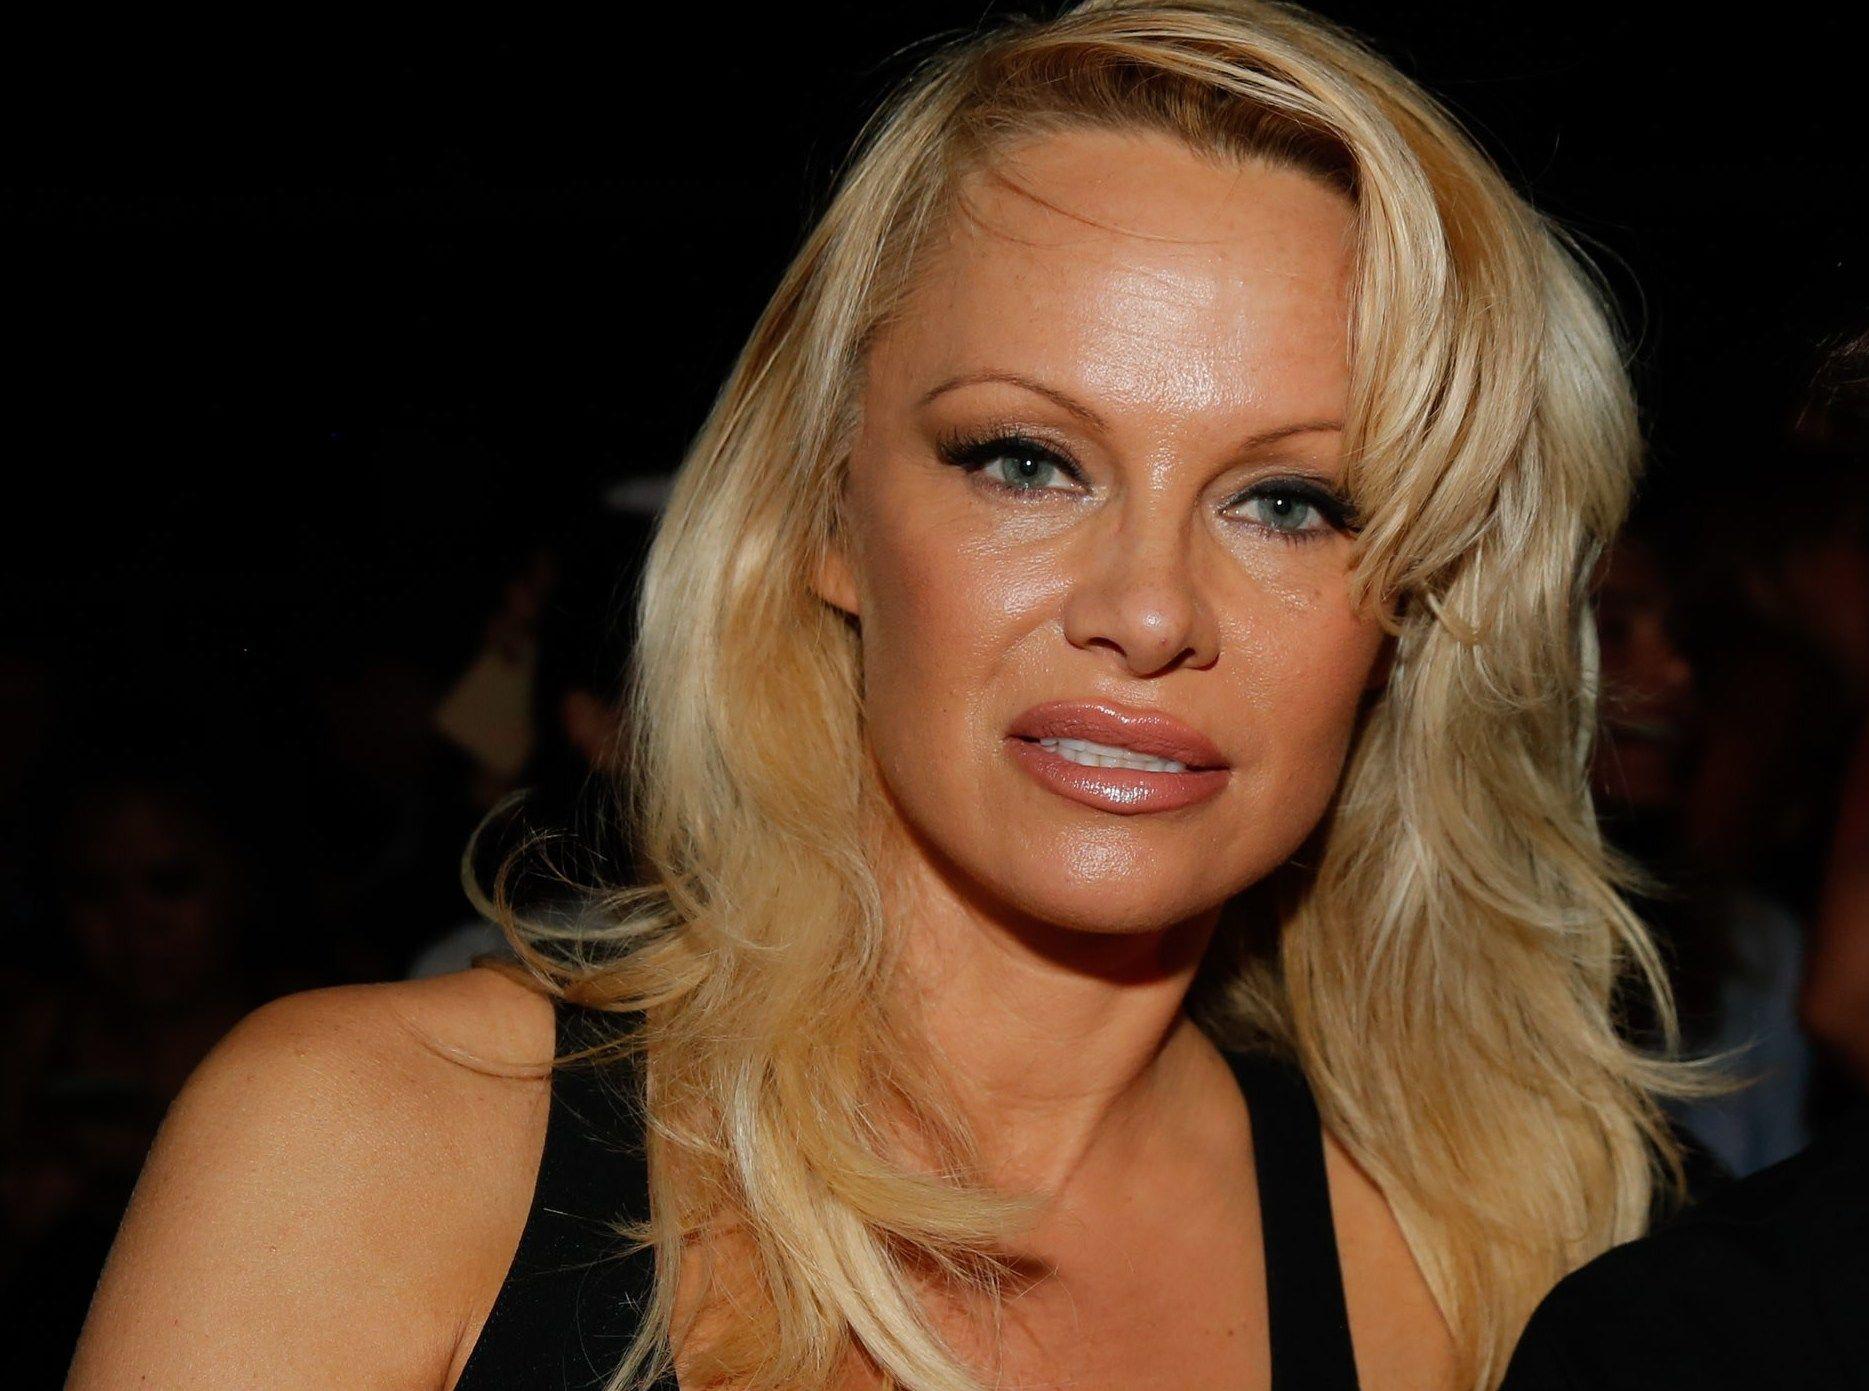 REAGERER: Pamela Anderson ville først og fremst snakke om dyrevern og hennes støtte til Julian Assange. Men hun frykter resultatet blir kropp og menn.